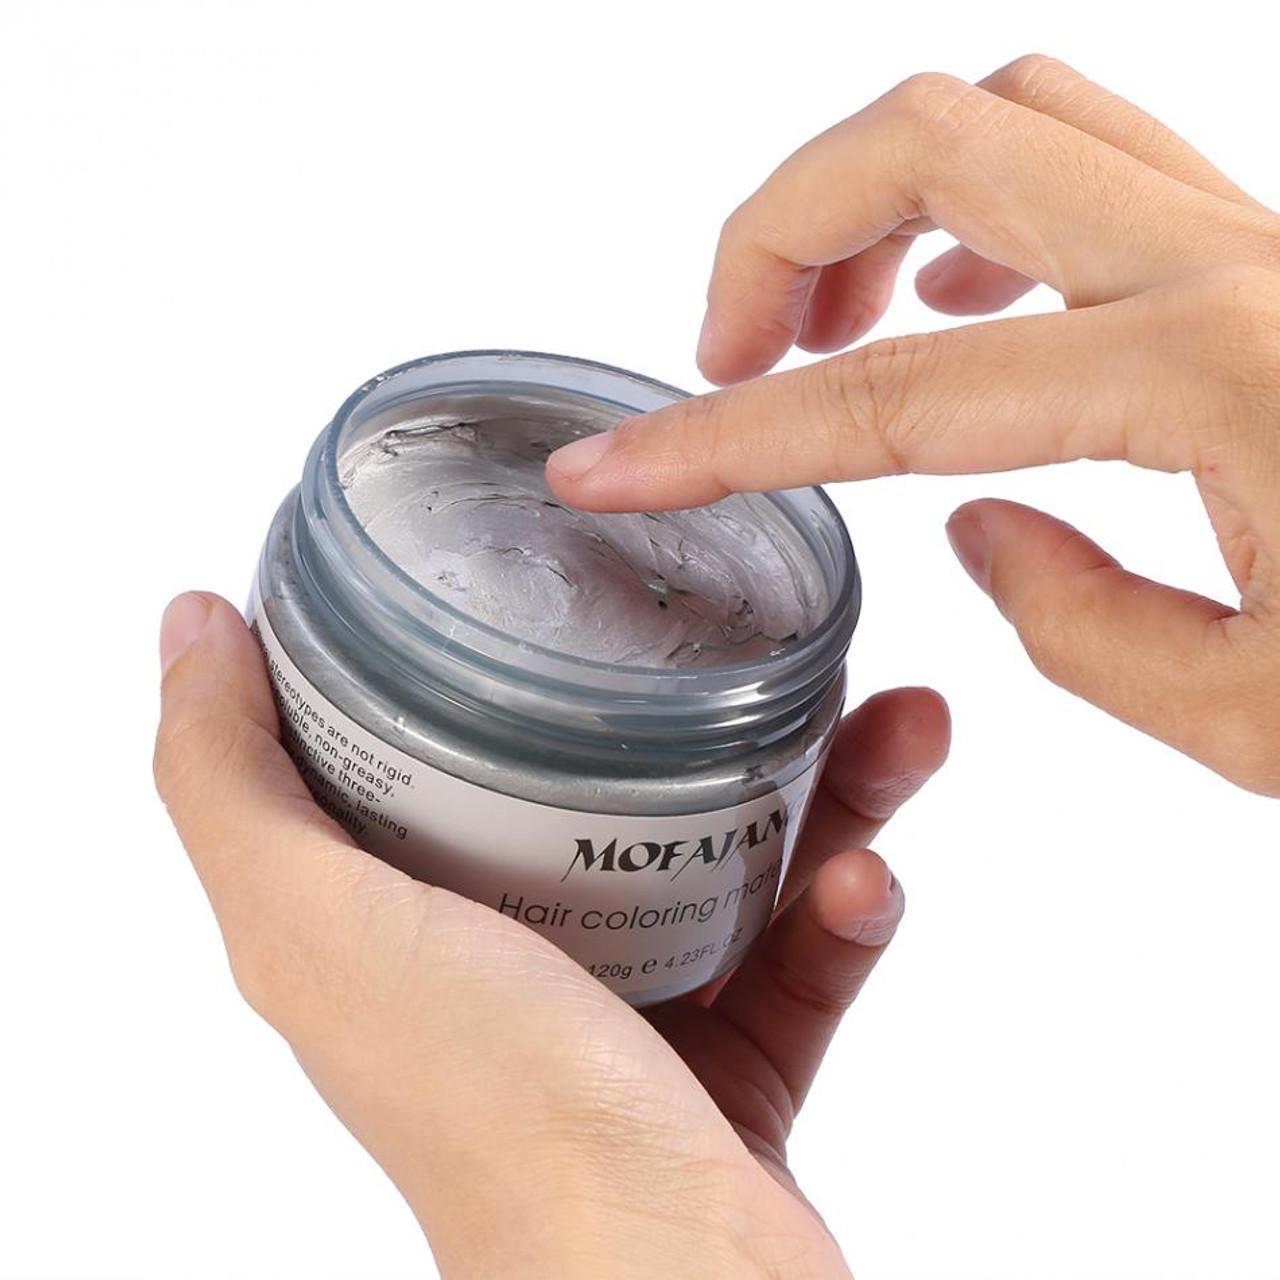 MOFAJANG 120g Hair Coloring Waxes Promades Silver Ash Grey Purple ...